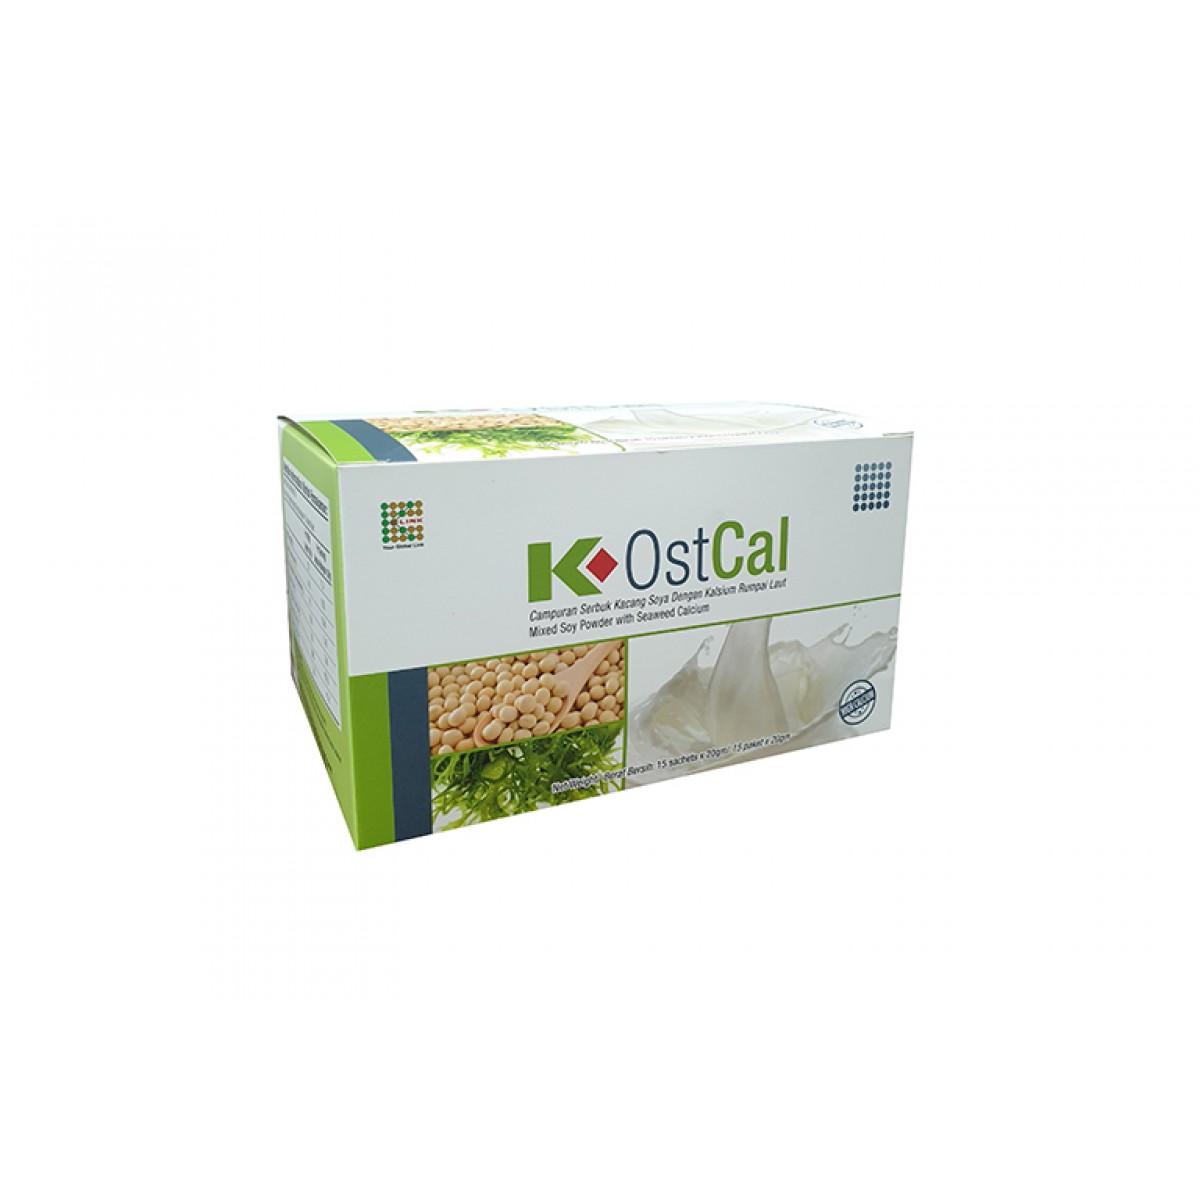 K-OstCal